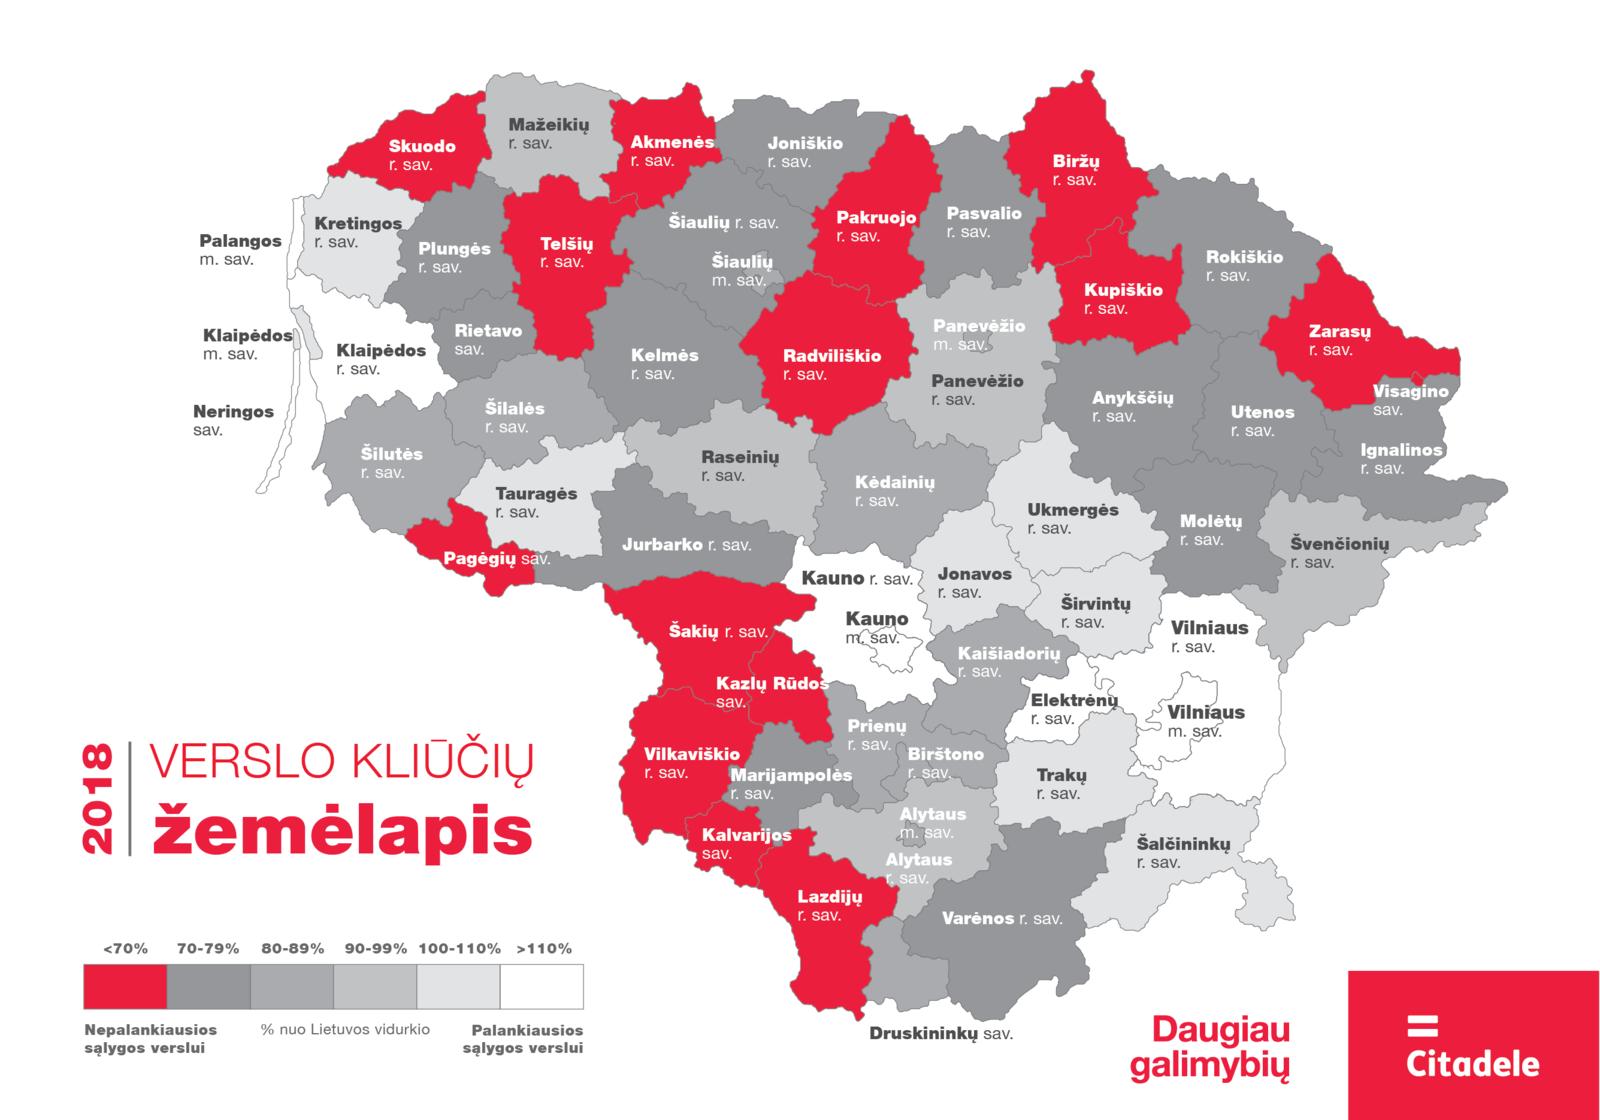 Verslo kliūčių žemėlapis: Lenkijos konkurenciją jaučiančių Alytaus regiono verslininkų optimizmas blėsta